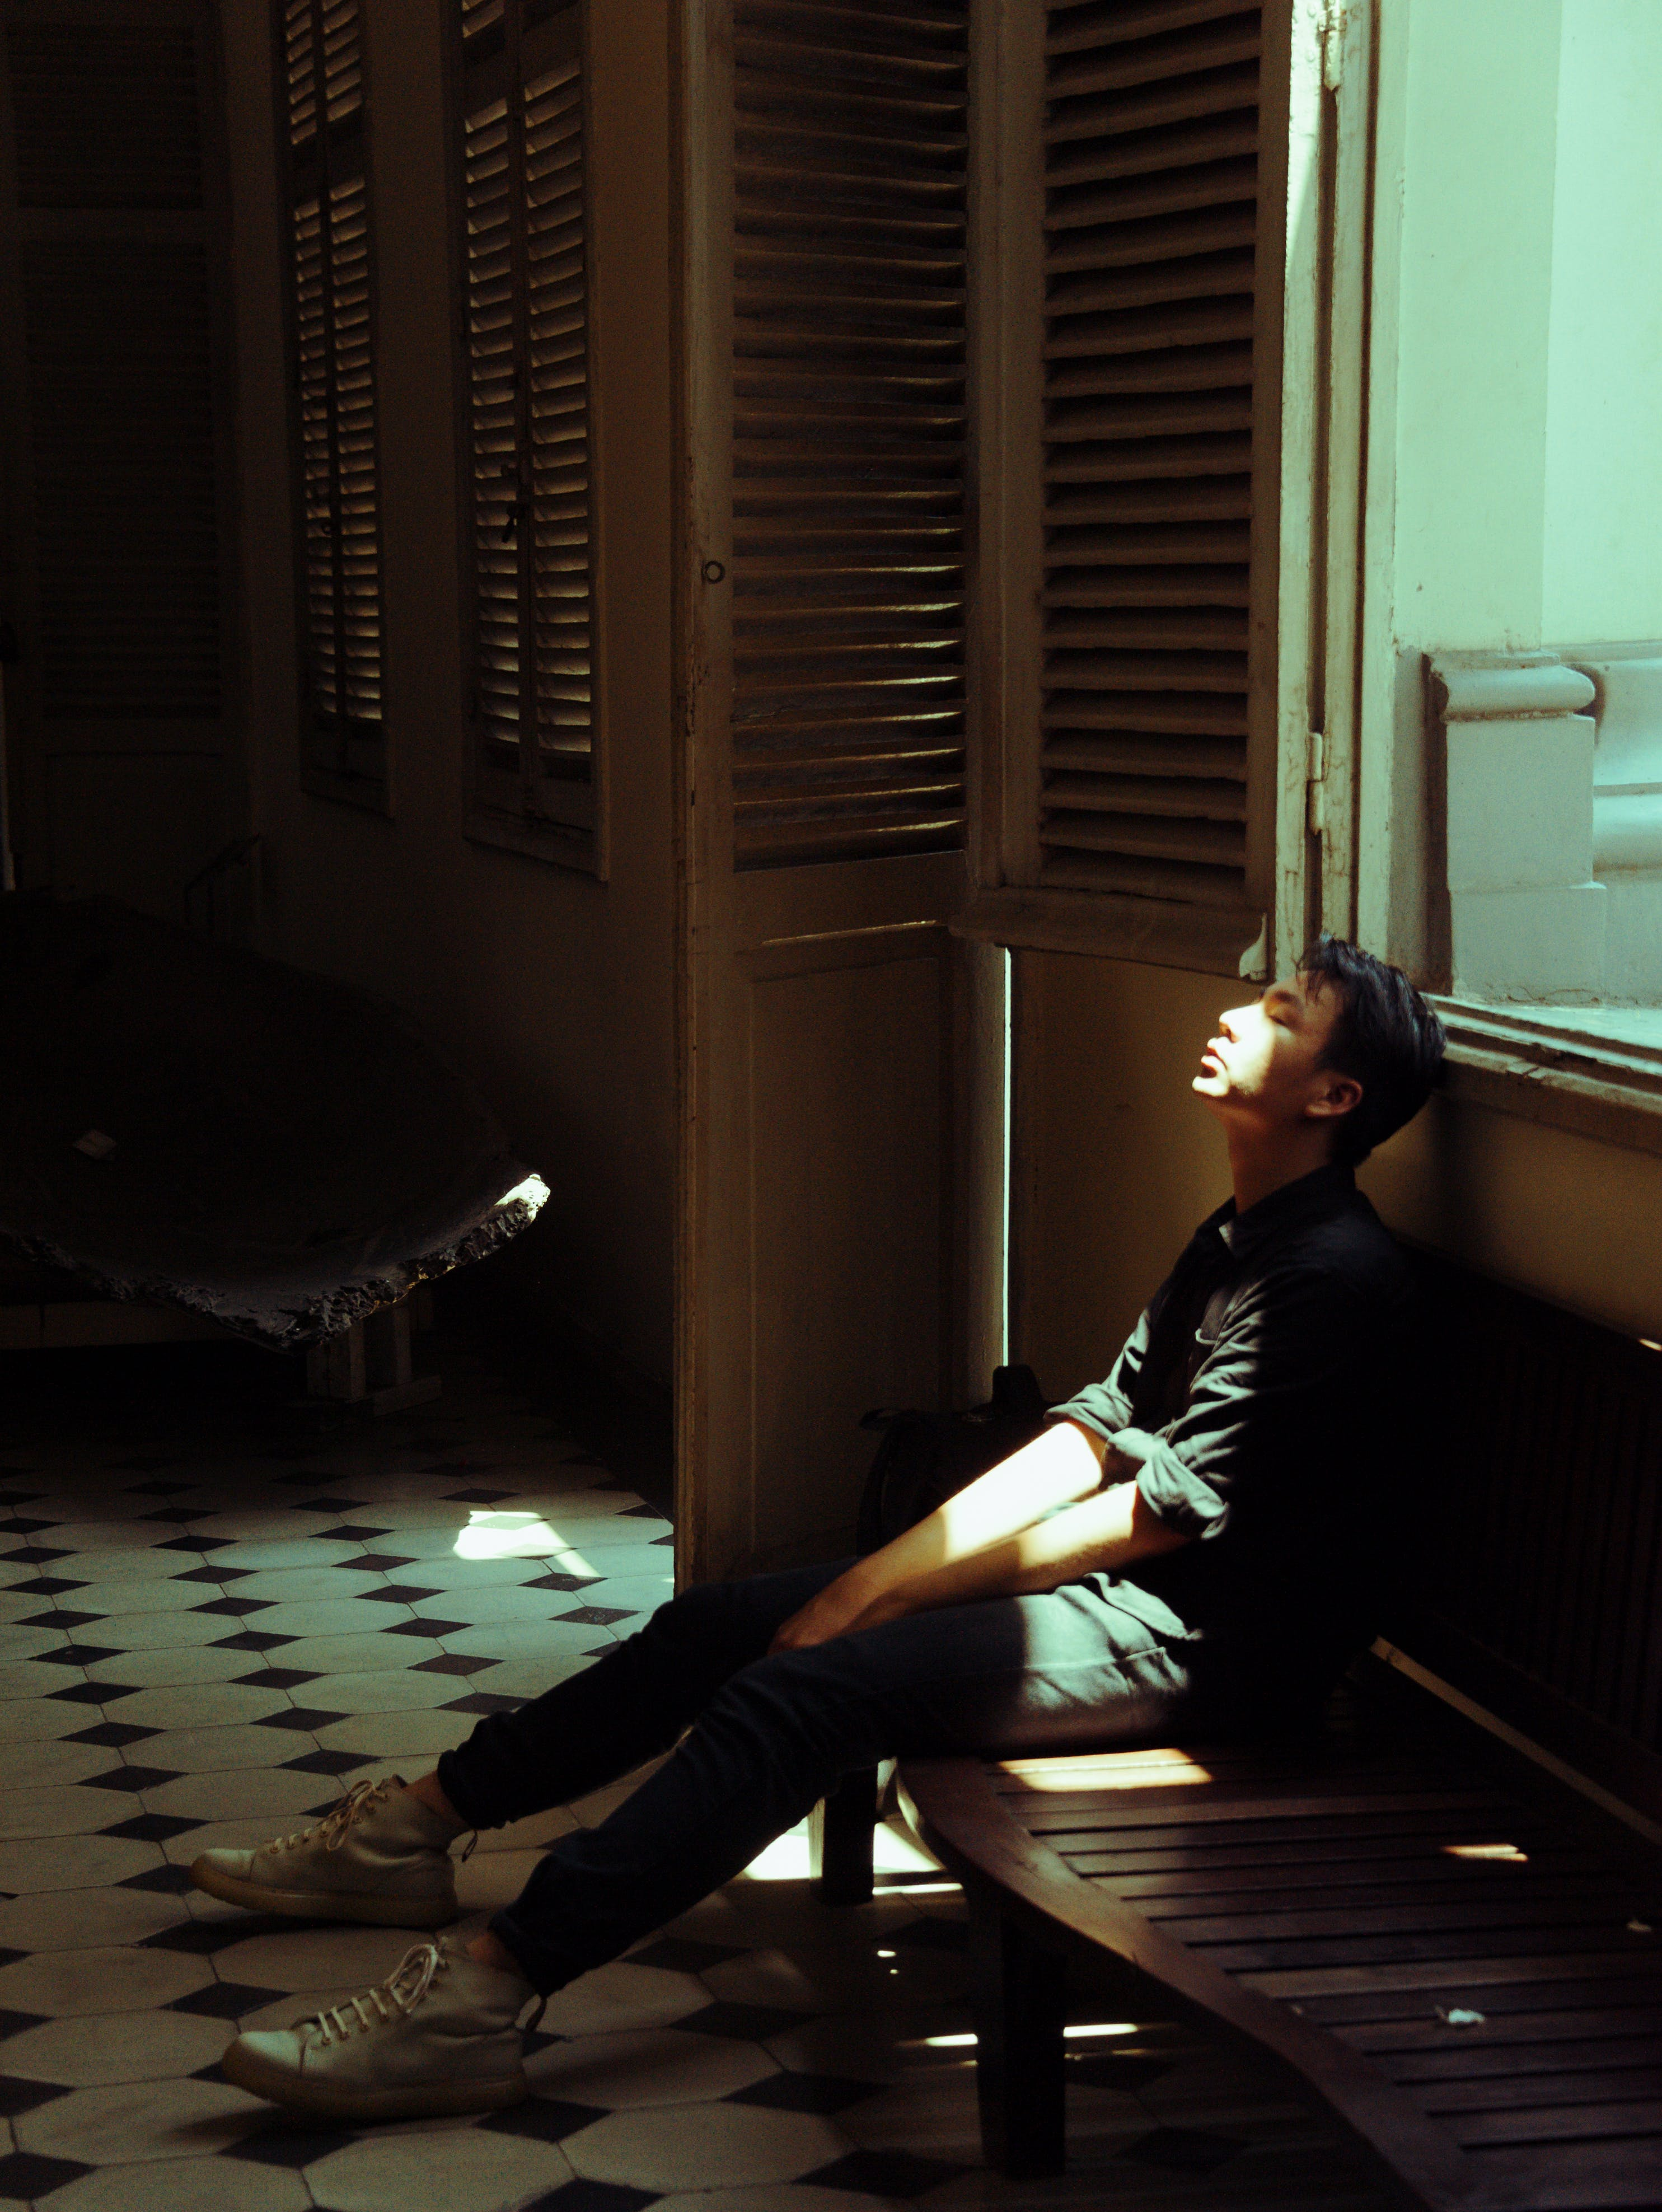 人, 傷心, 光, 坐 的 免费素材照片